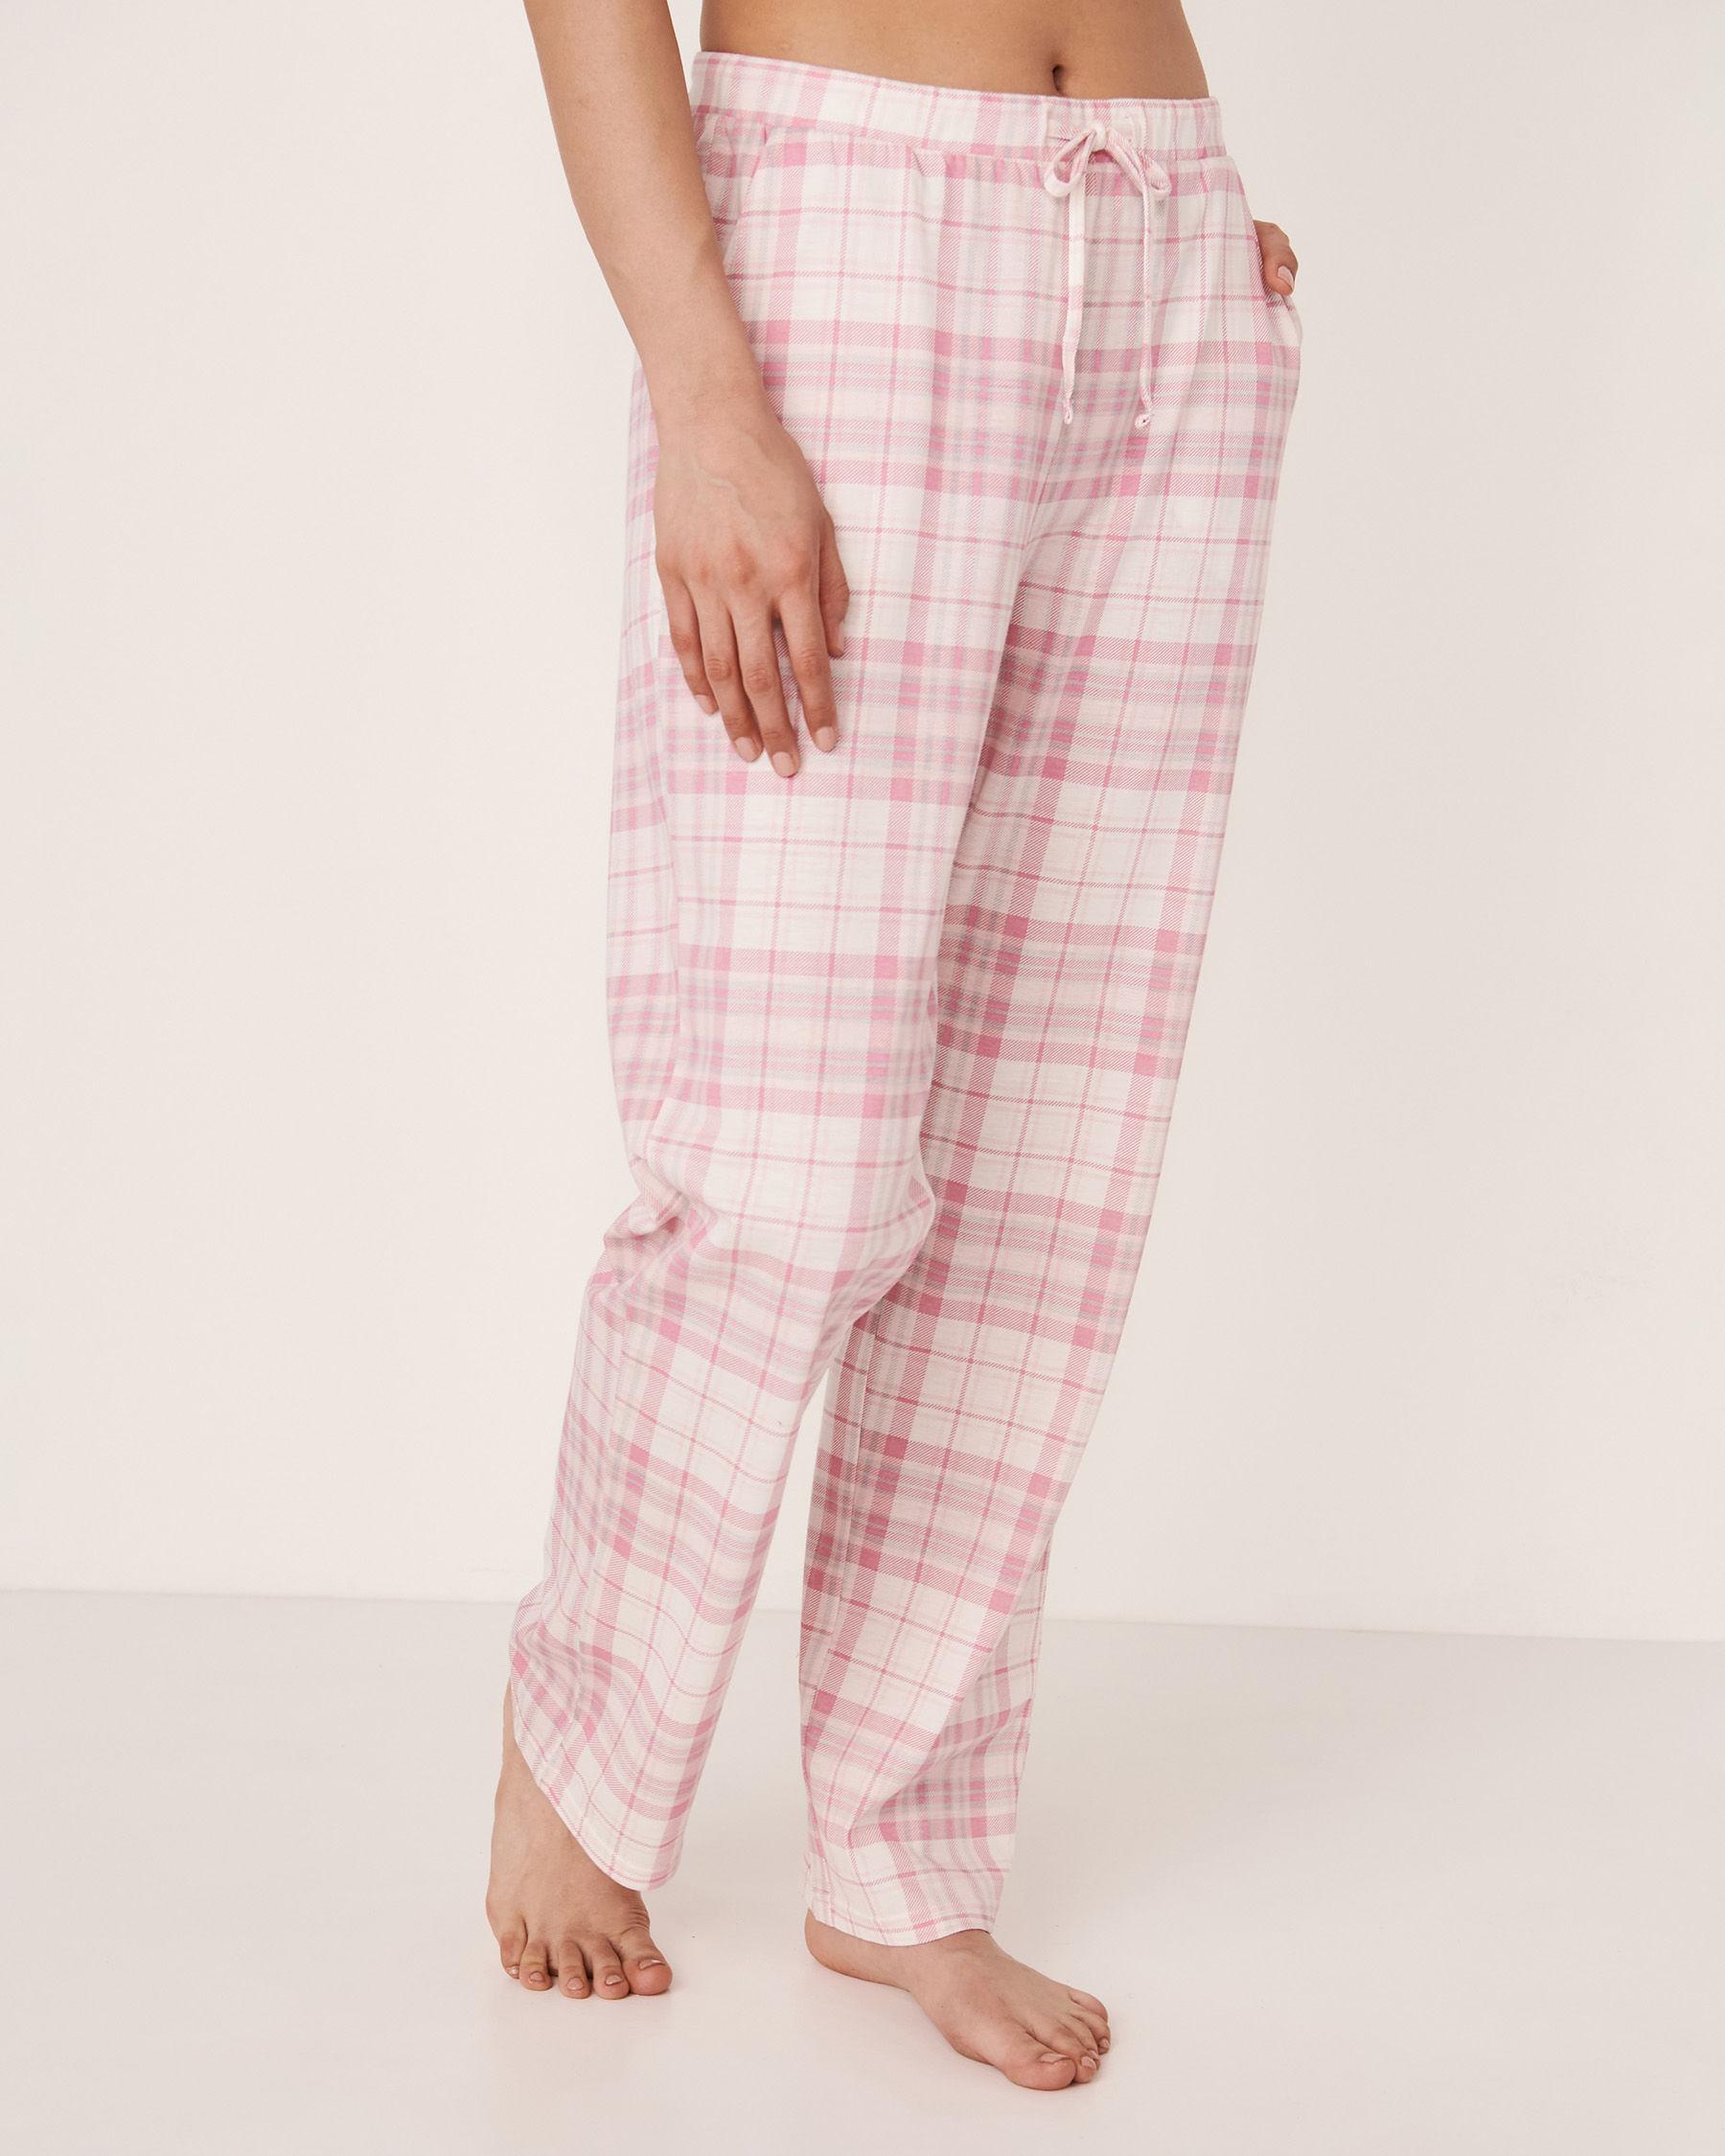 LA VIE EN ROSE Pantalon jambe droite Carreaux roses 40200100 - Voir1